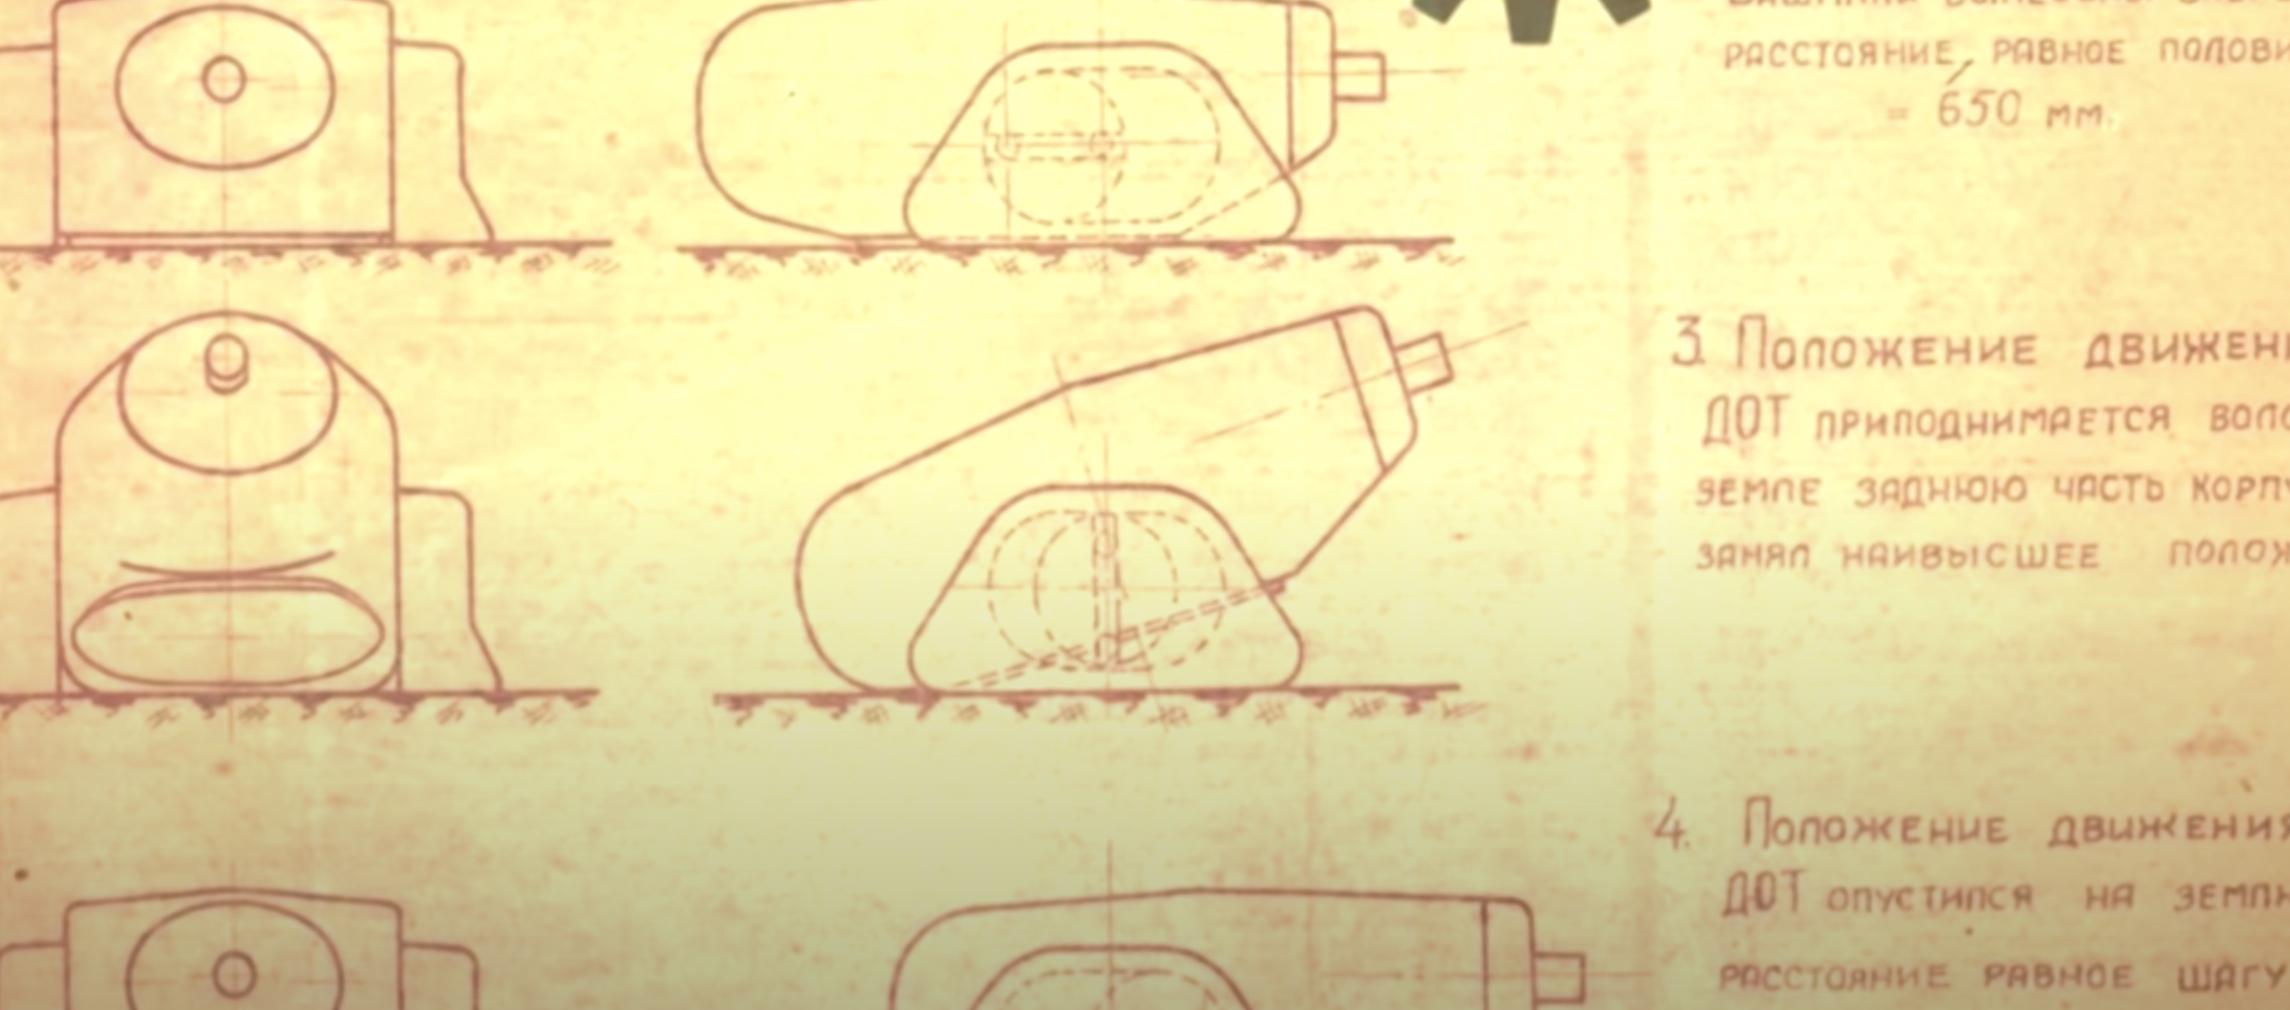 Шагающий дот из СССР. «Неуязвимой» машиной хотели переломить ход войны Культура